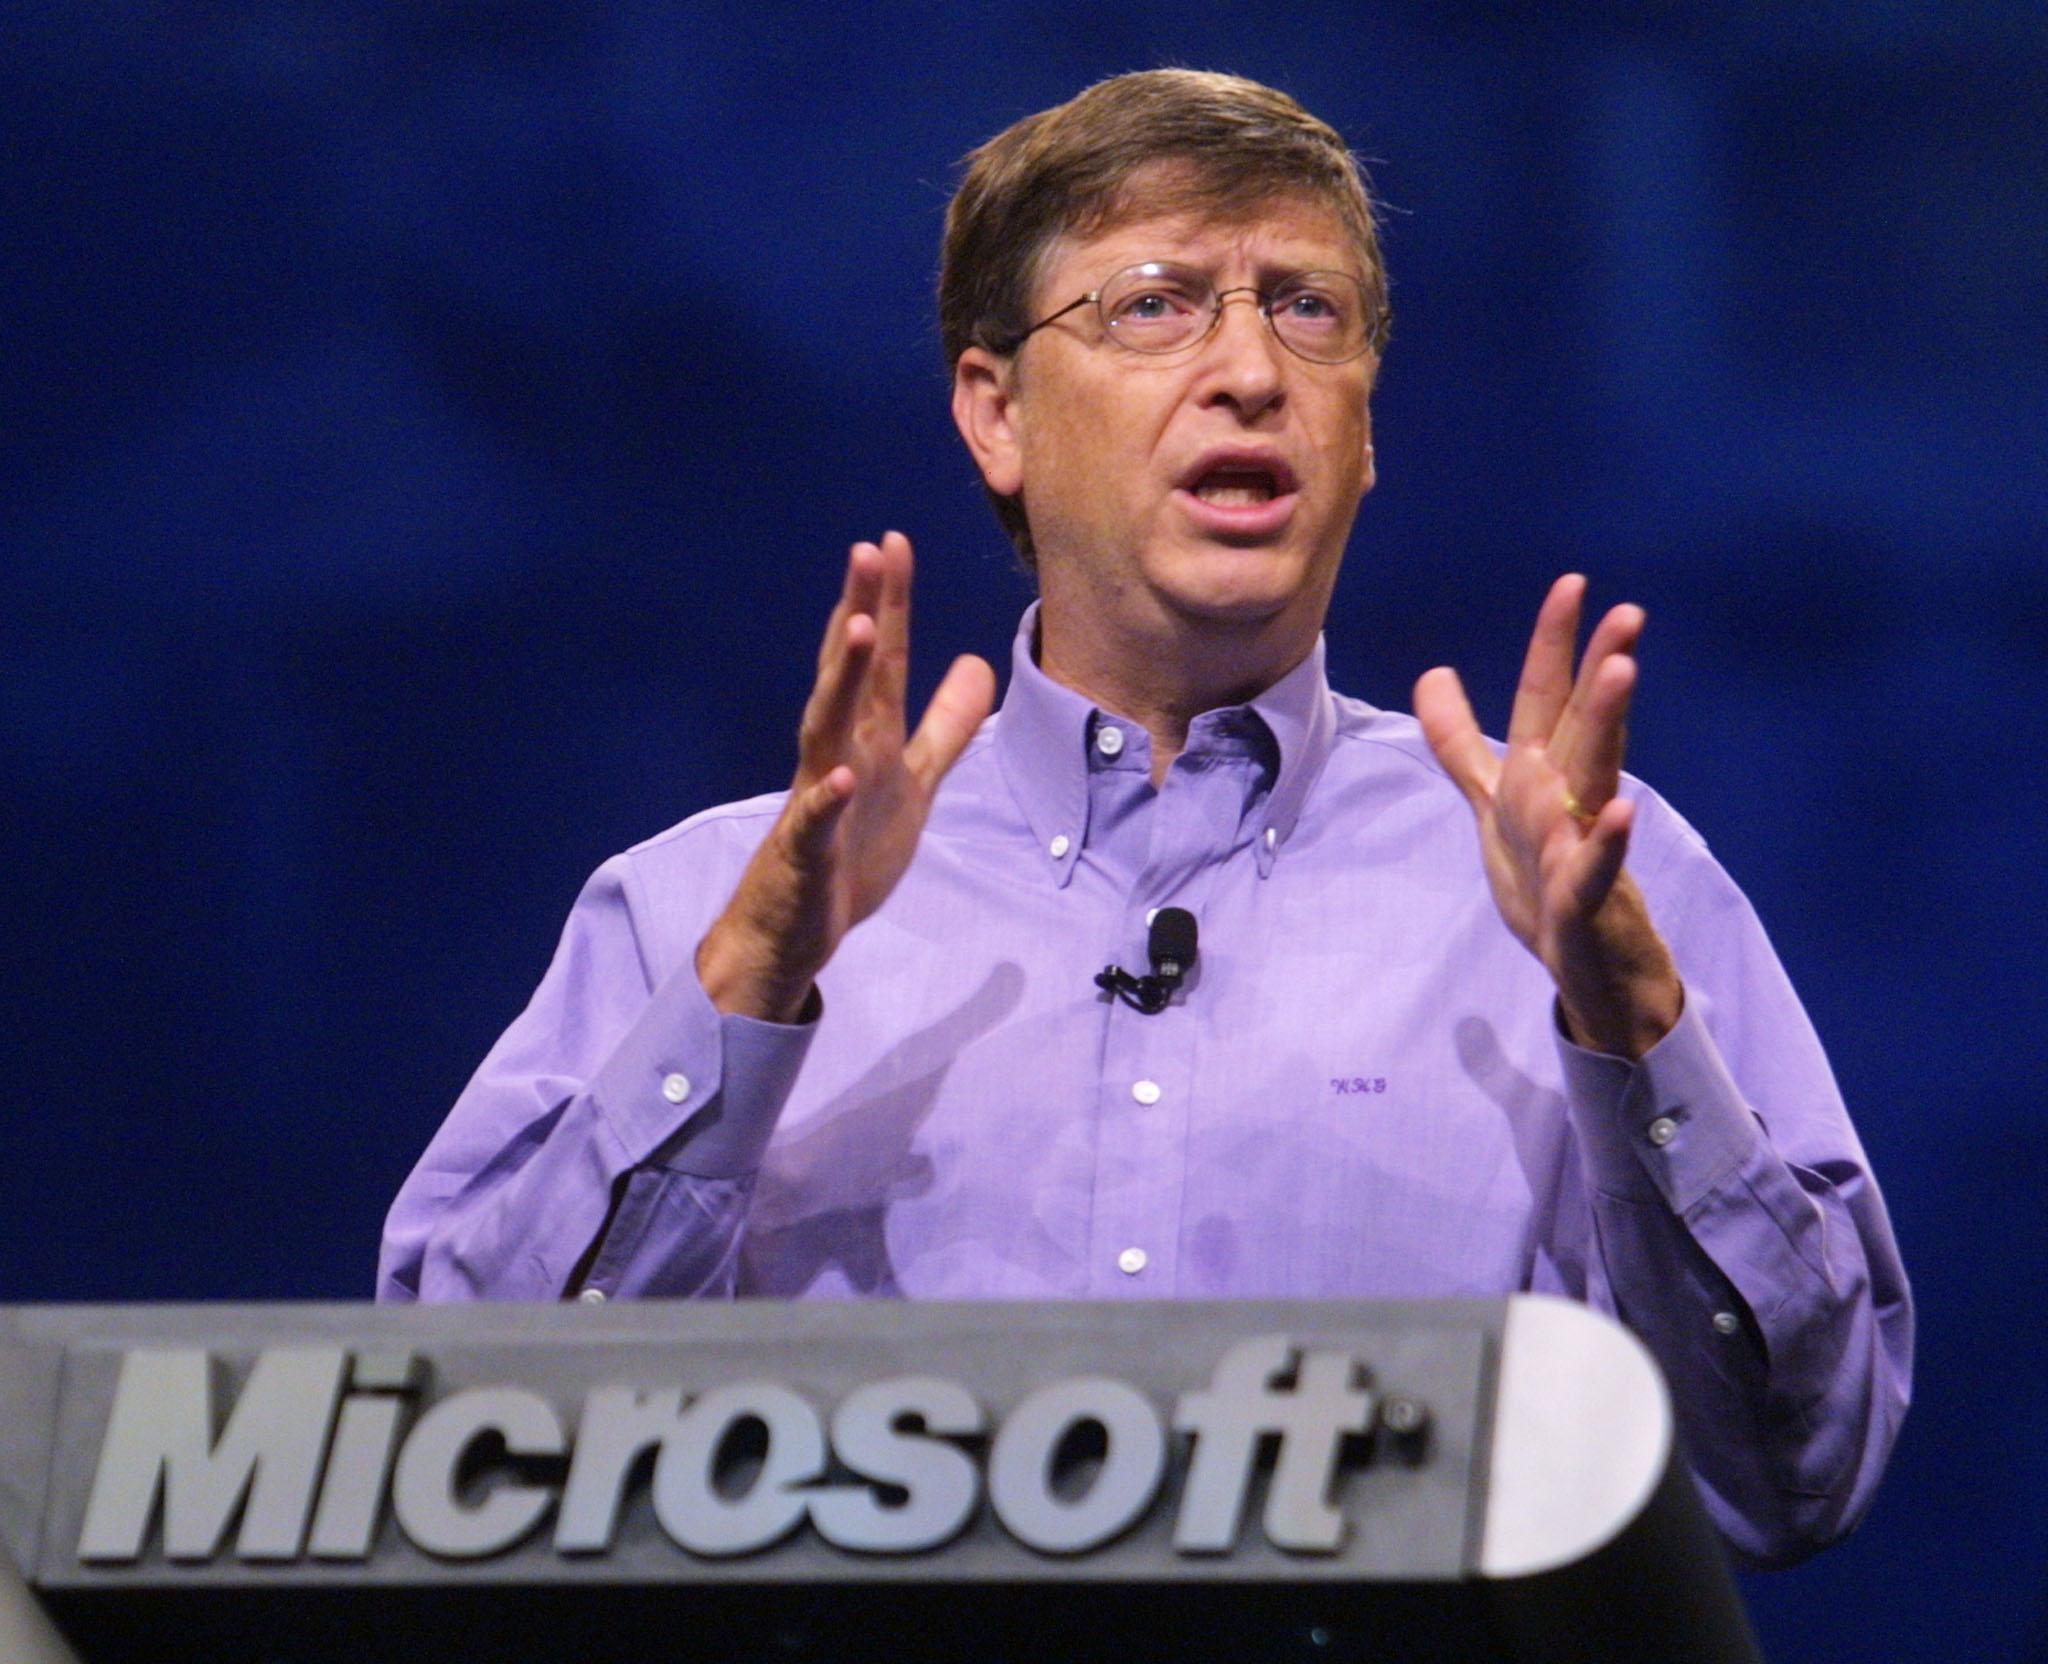 Билл Гейтс раскритиковал компанию Microsoft за отставание от Apple и Google